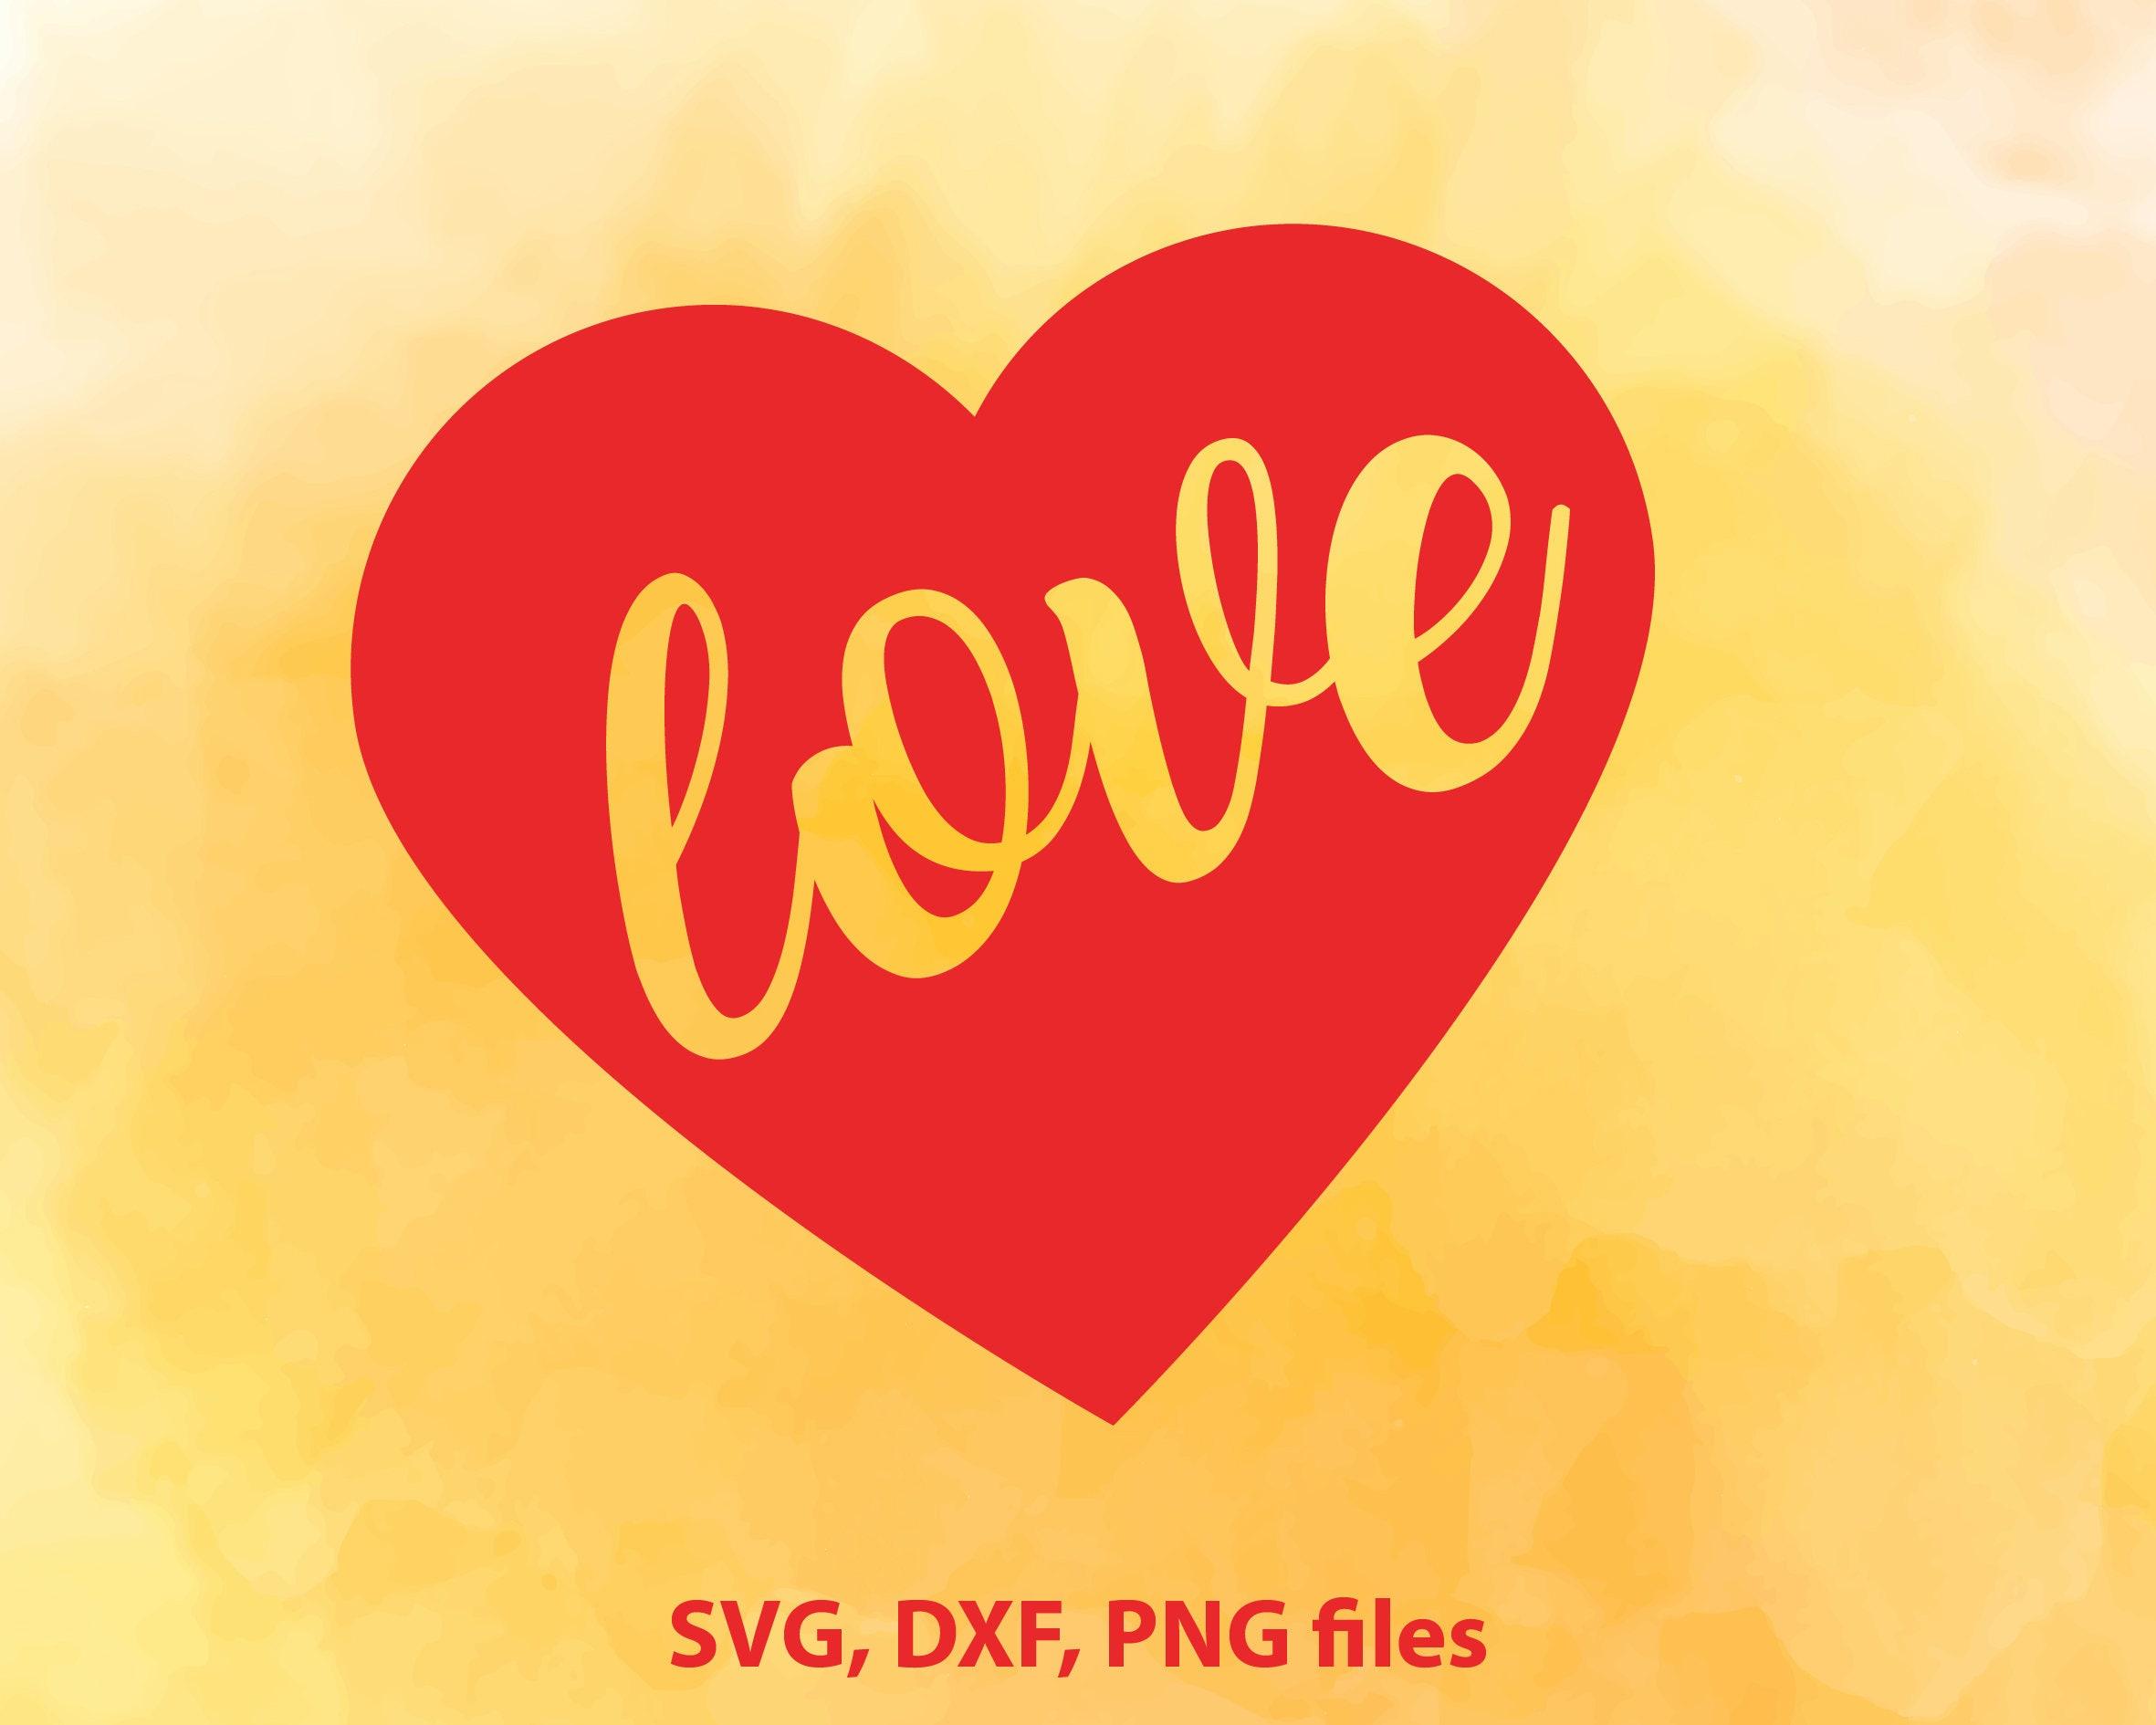 Heart Svg File Heart Dxf Heart Cut File Heart Clip Art Etsy